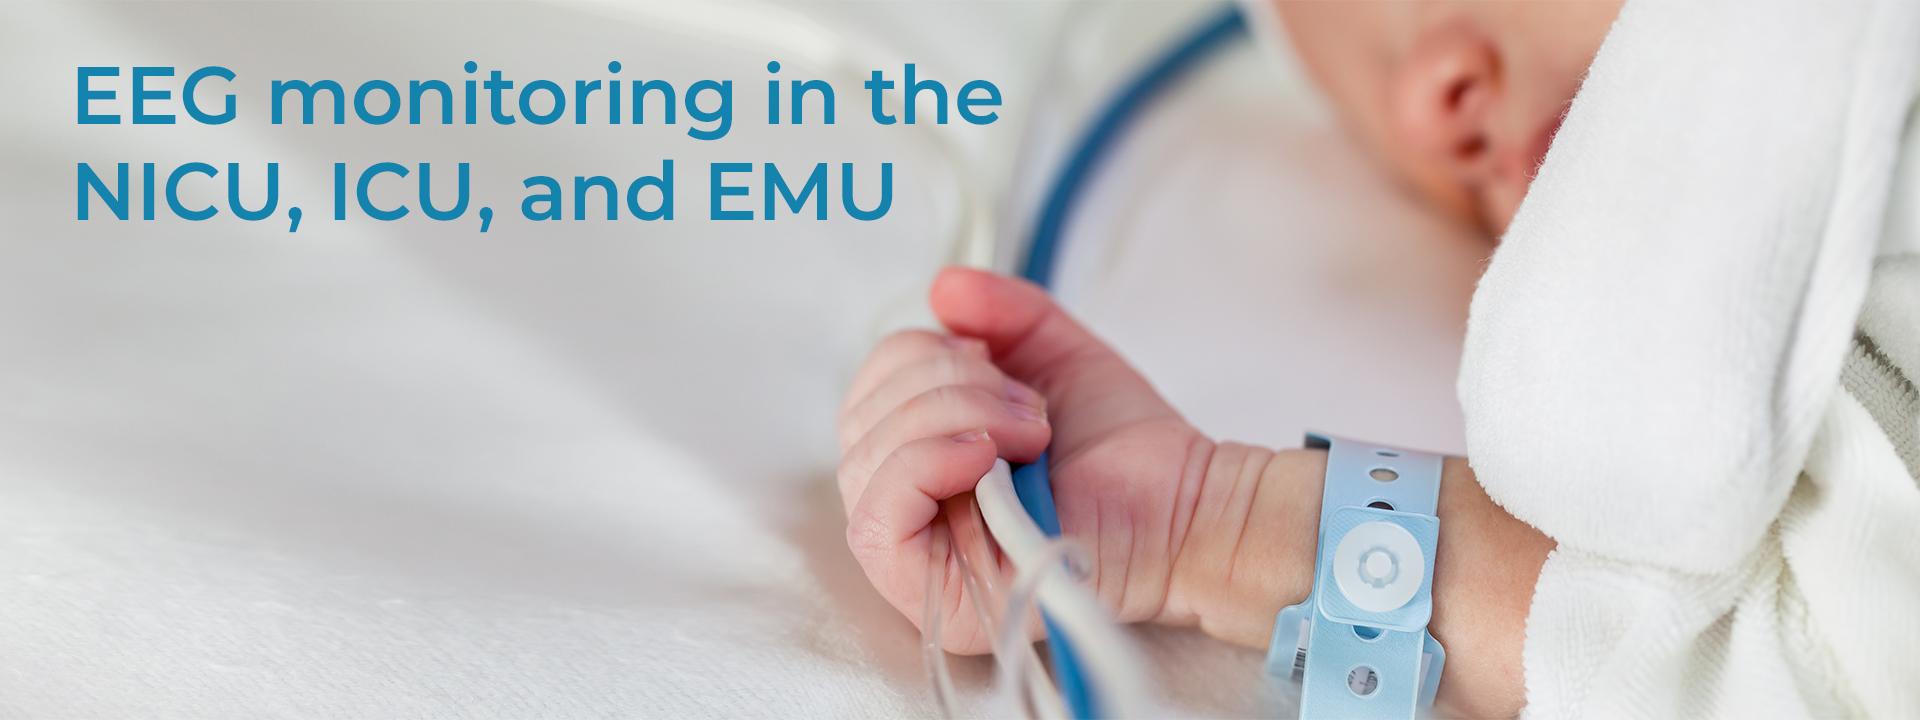 EEG Monitoring in NICU, ICU, EMU